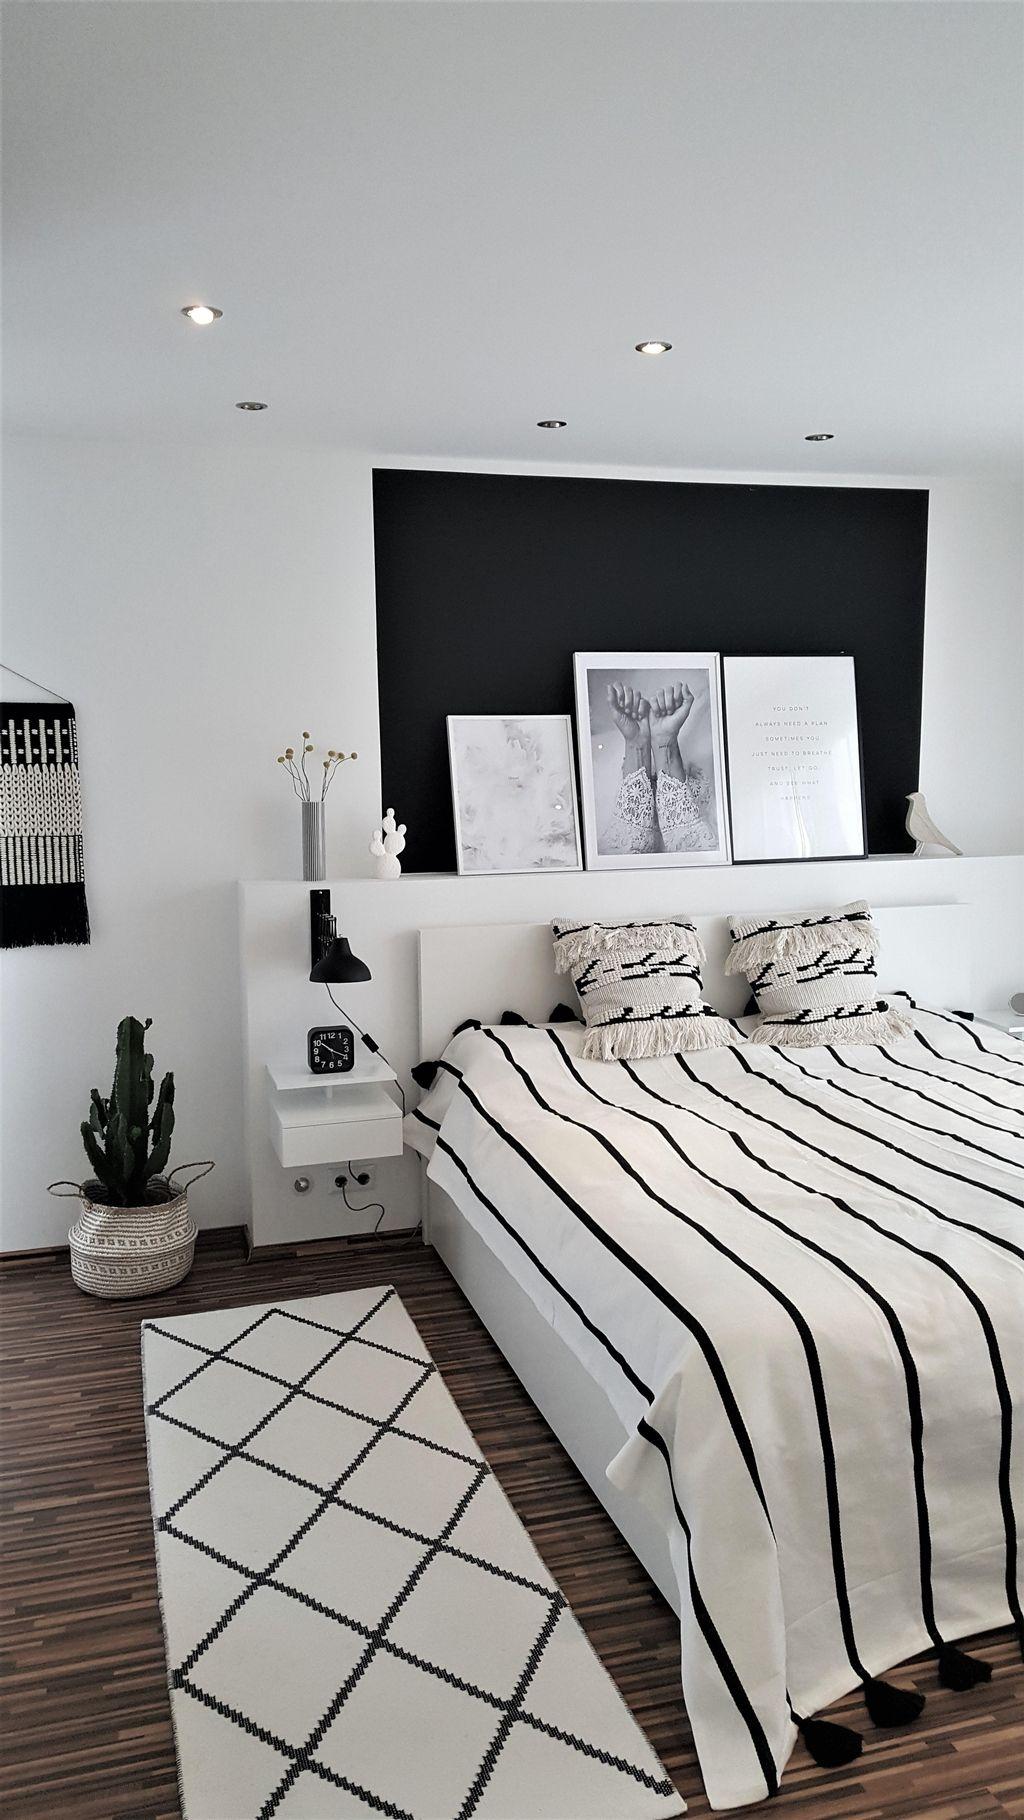 Schlafzimmer Neue Tagesdecke Skandinavisch Wohnen Wohn Schlafzimmer Zimmer Schlafzimmer Einrichten